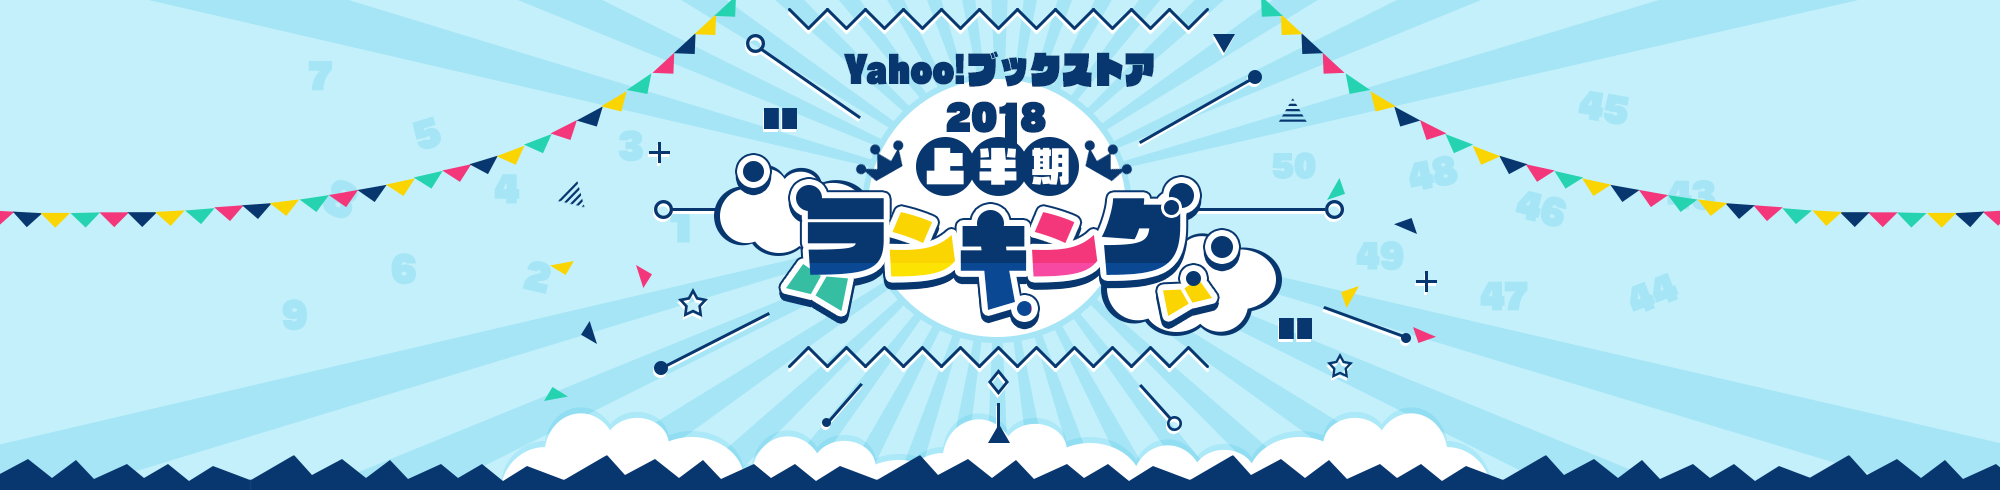 Yahoo!ブックストア 2018上半期 ランキング